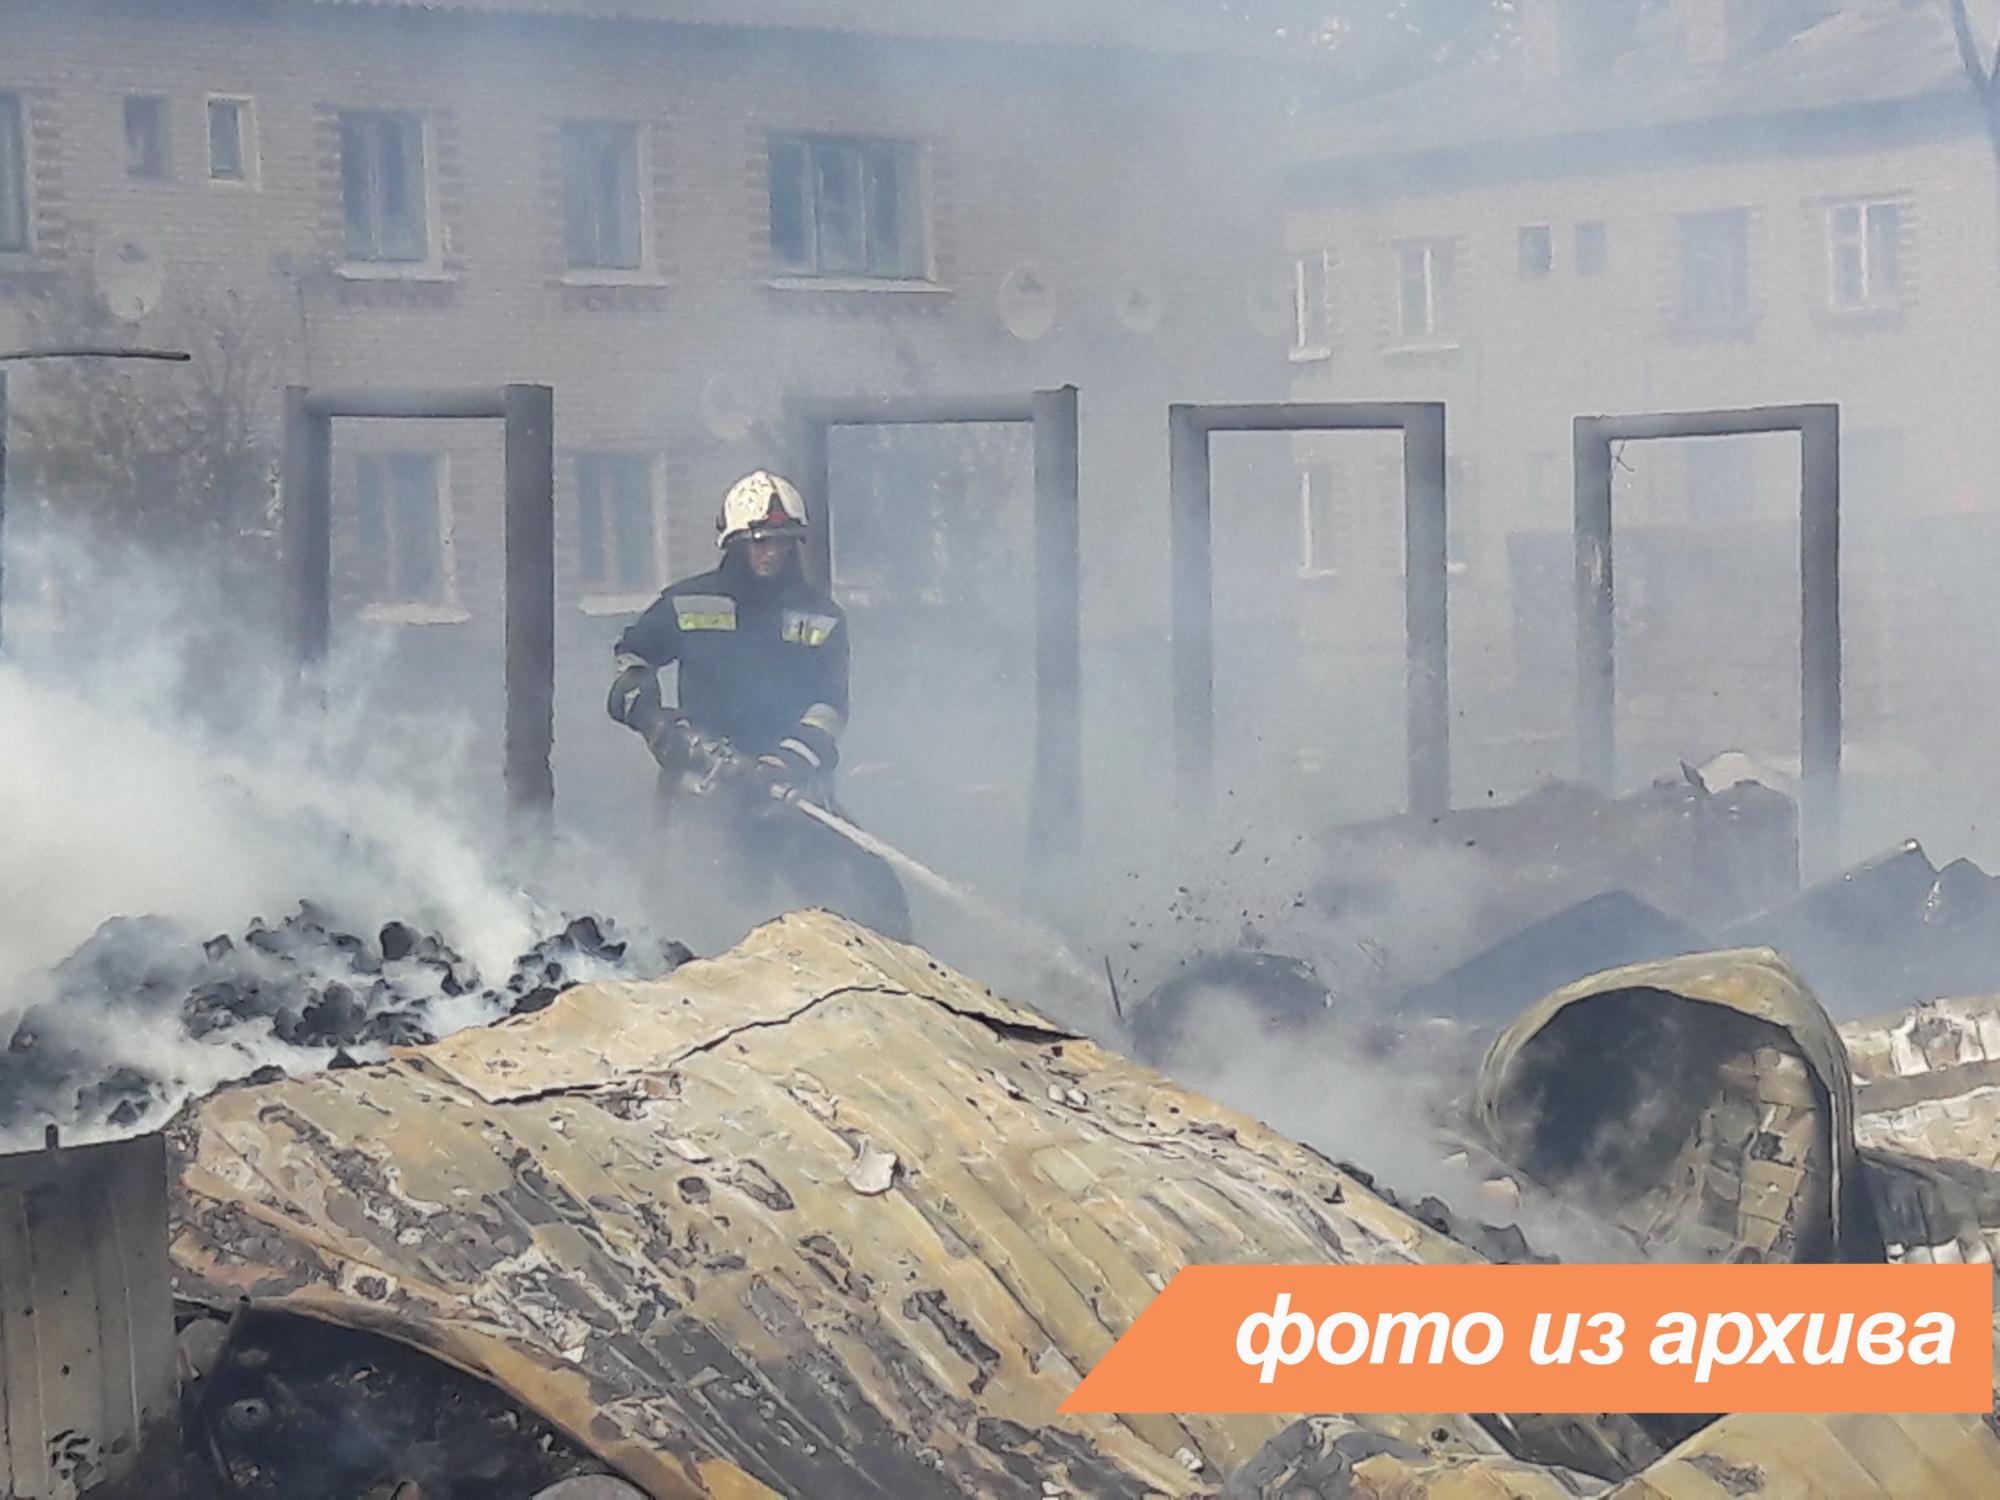 Пожарно-спасательное подразделение Ленинградской области ликвидировало пожар в Кингисеппском районе